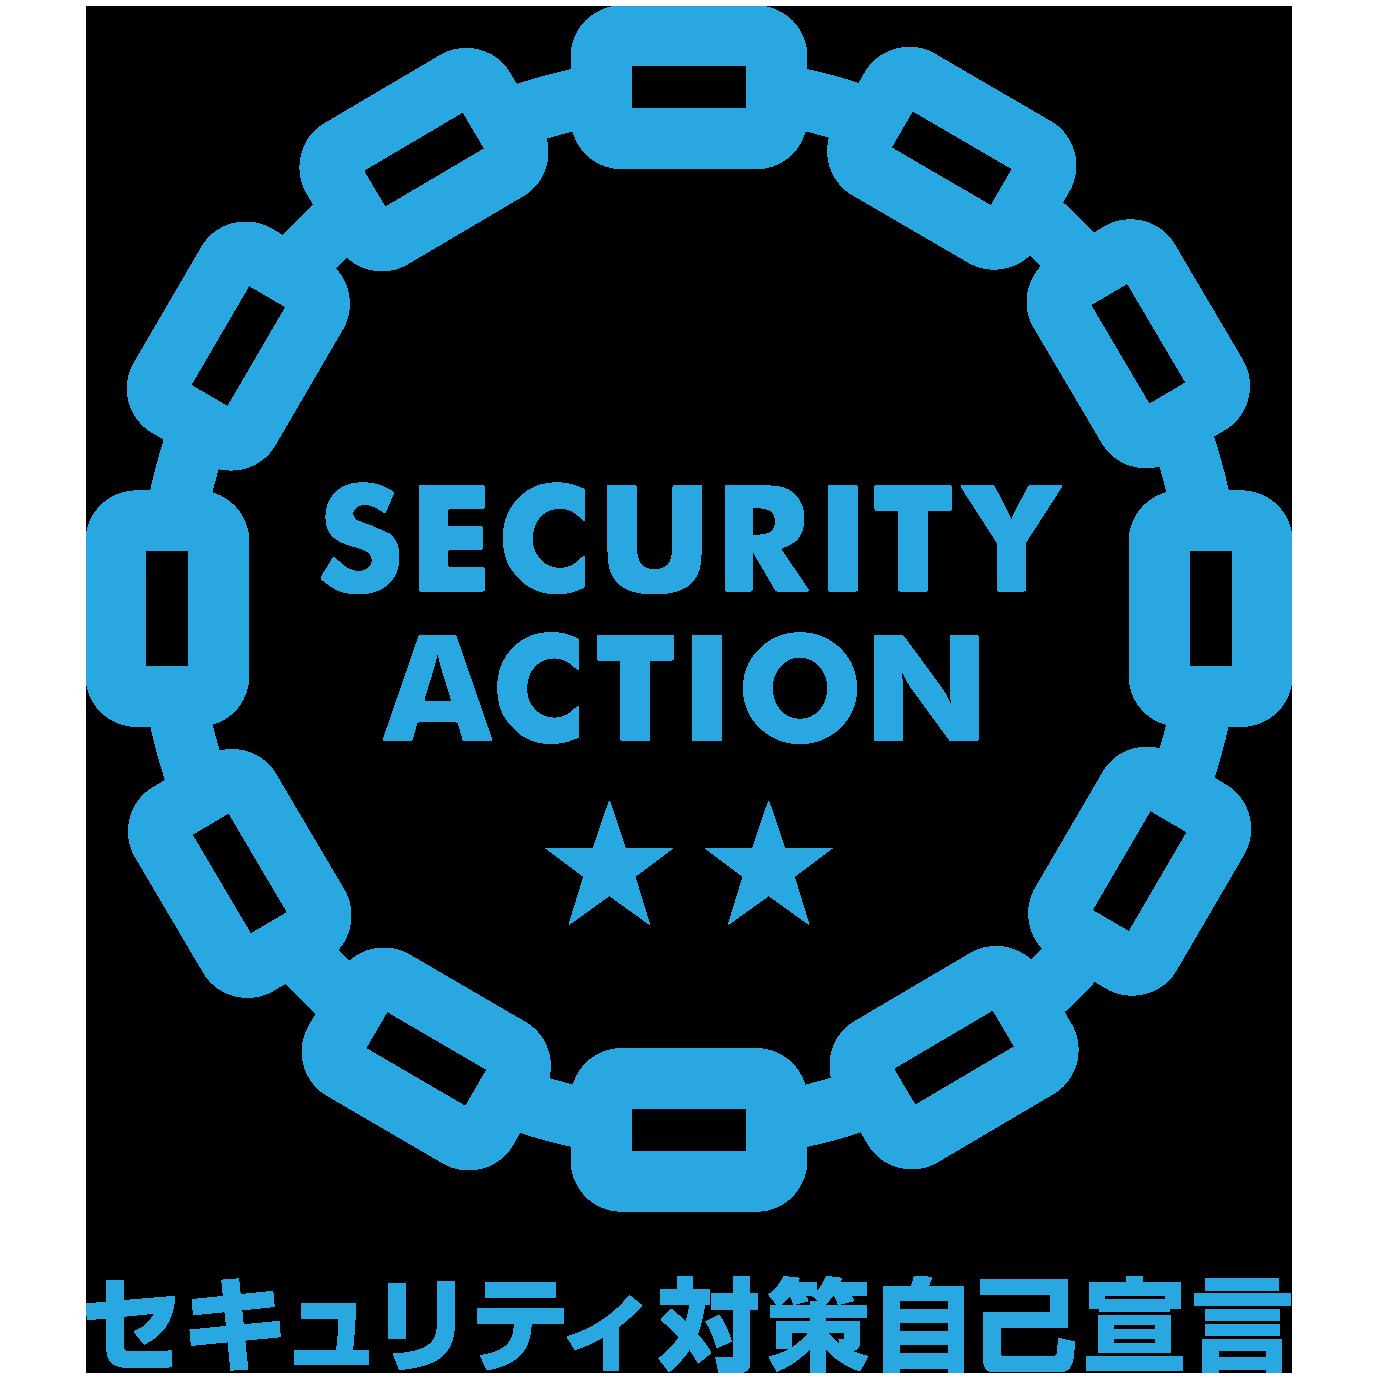 SECURITY ACTION(二つ星)を宣言しました   事務所からのお知らせ